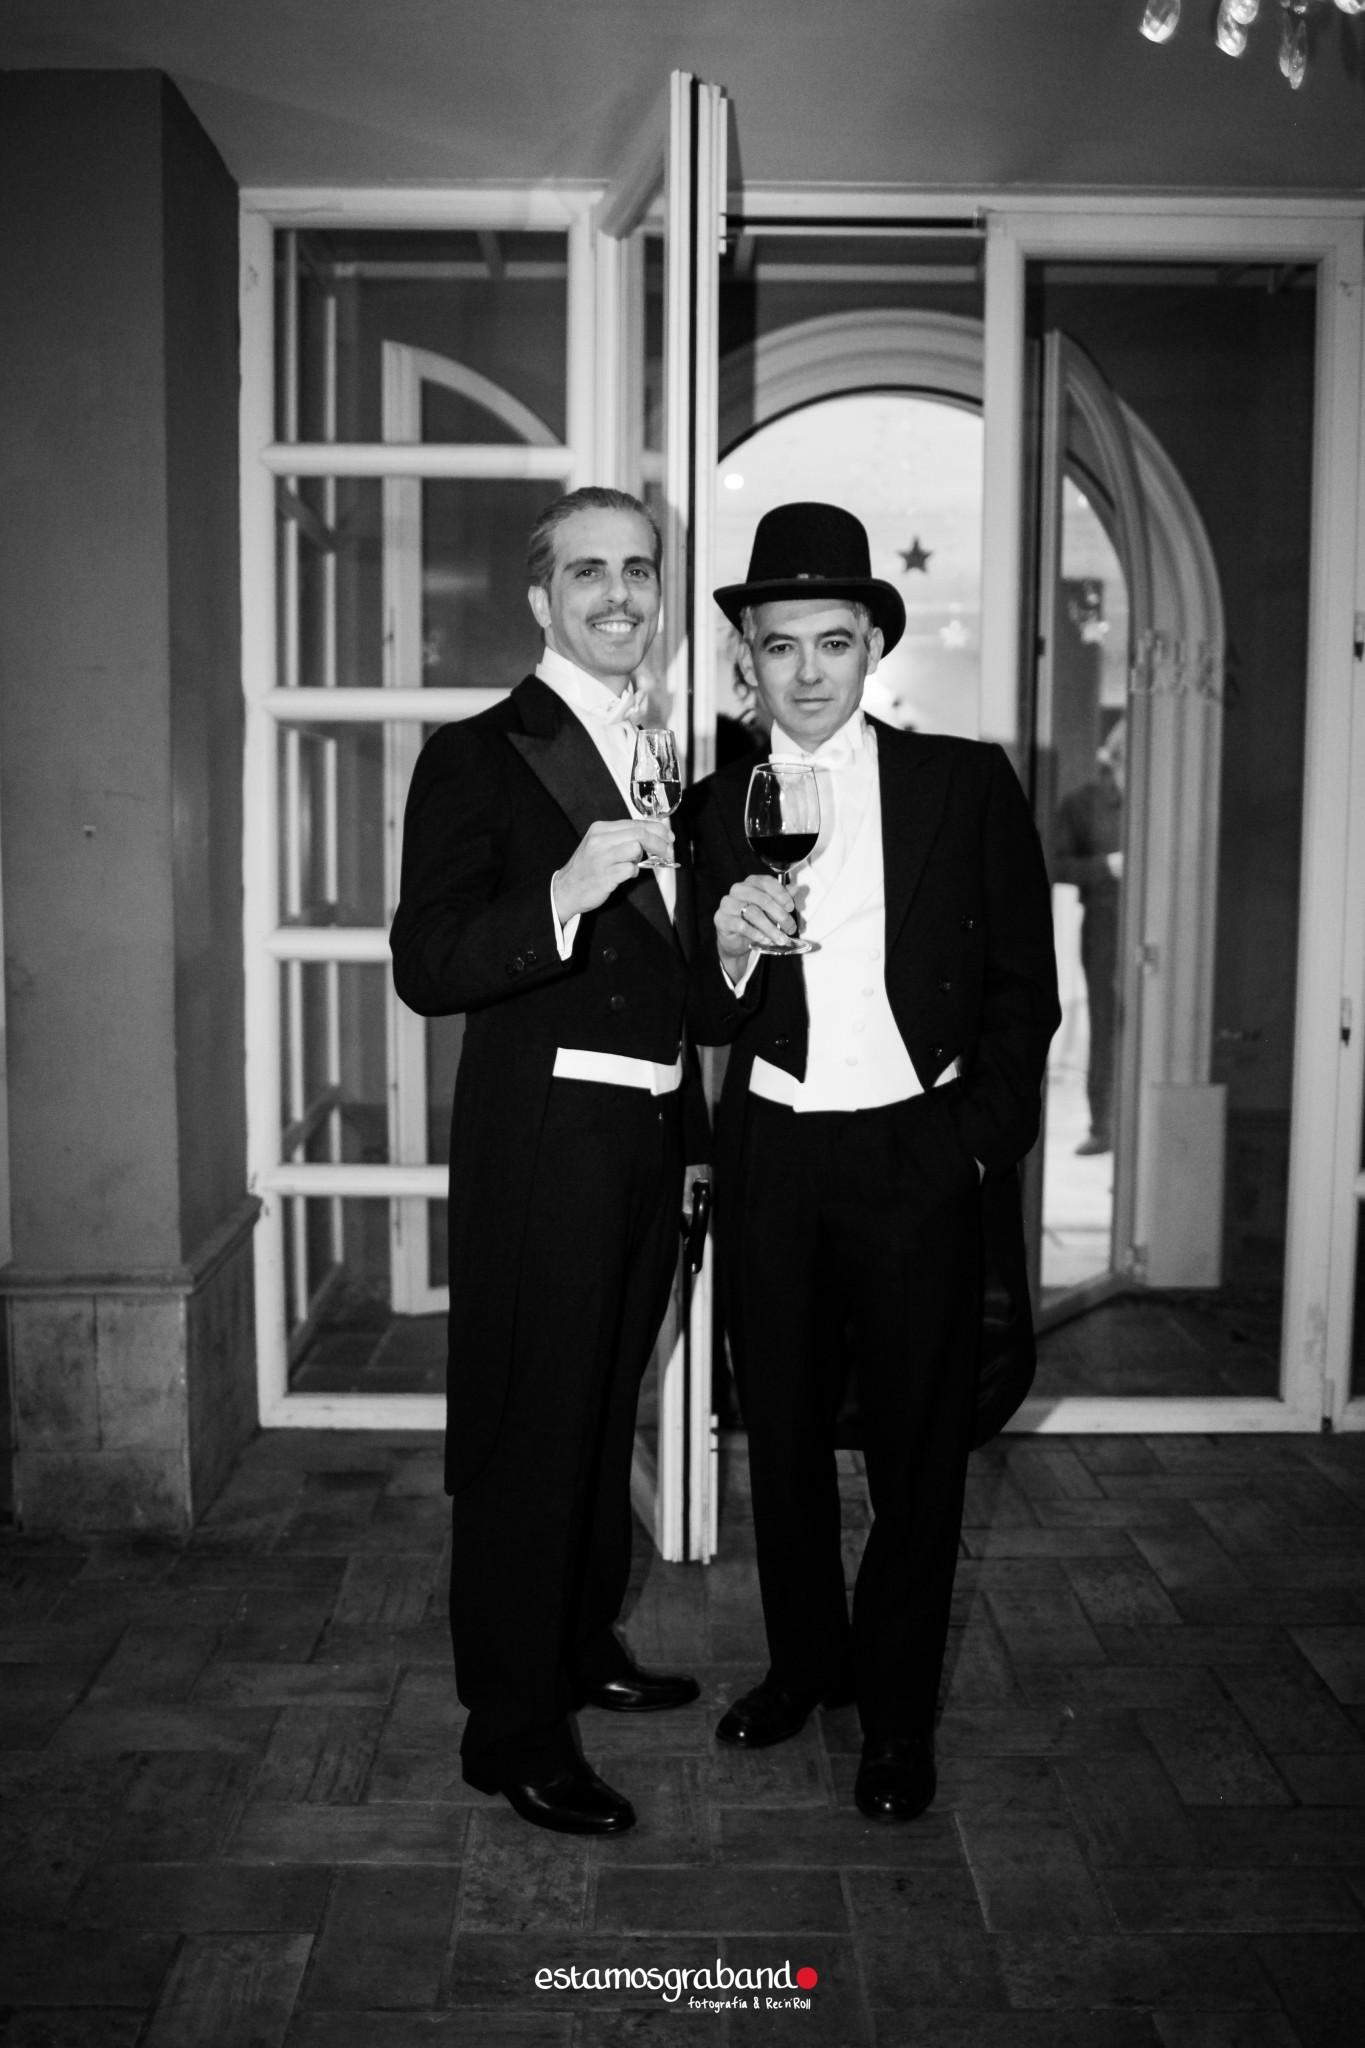 Años-20-BBTP-58-de-109 Los locos Años 20 [Fotografía en La Teta de Julieta, Cádiz] - video boda cadiz